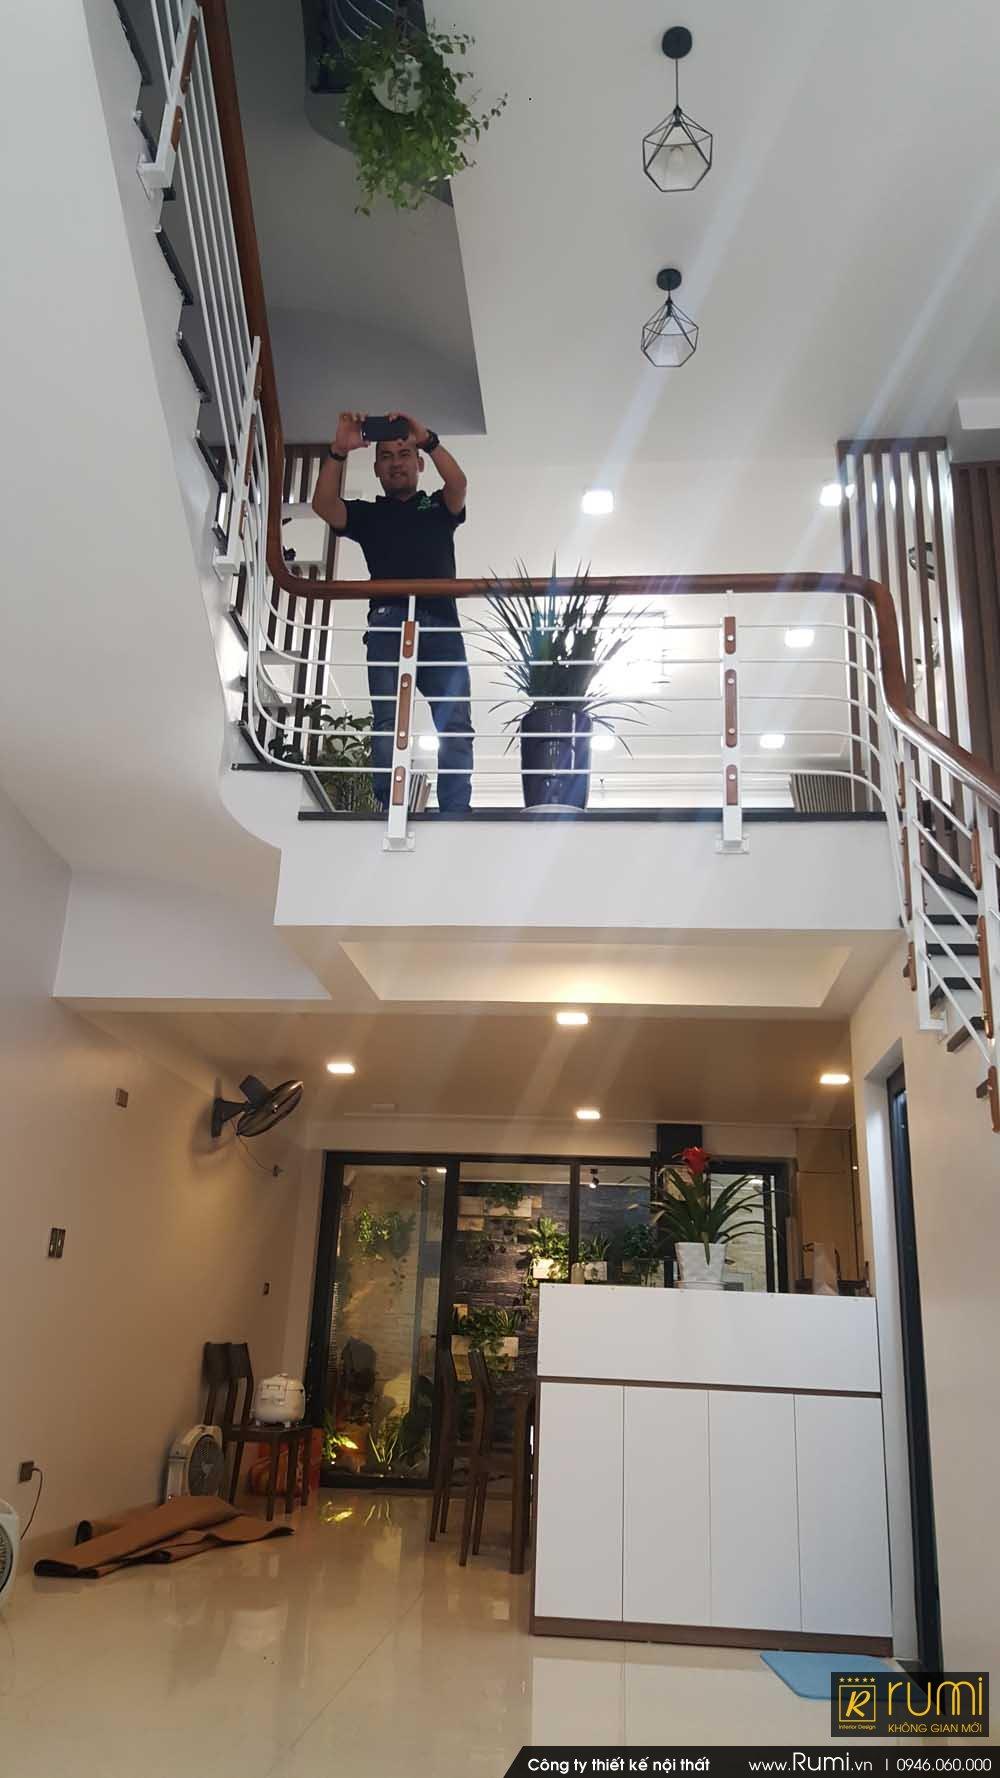 Hoàn thiện dự án nội thất nhà phố 4 tầng tại Đông Anh, Hà Nội